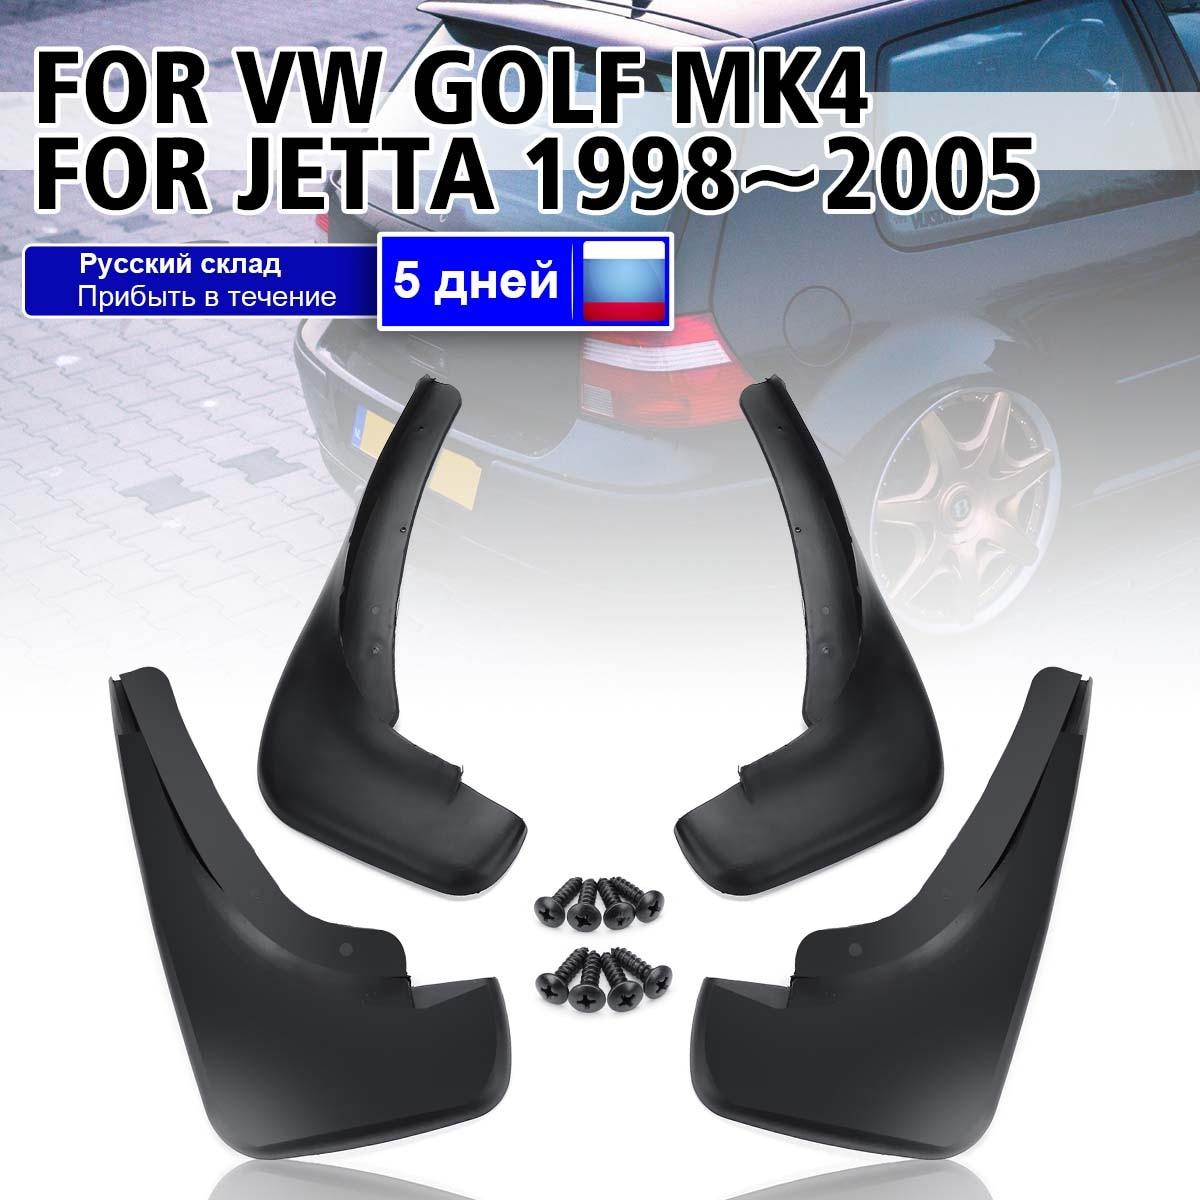 واقيات الطين للسيارة طراز VW Golf 4 Mk4 IV Bora Jetta 1998-2005 واقيات الطين والرذاذ واقيات الطين الأمامية والخلفية